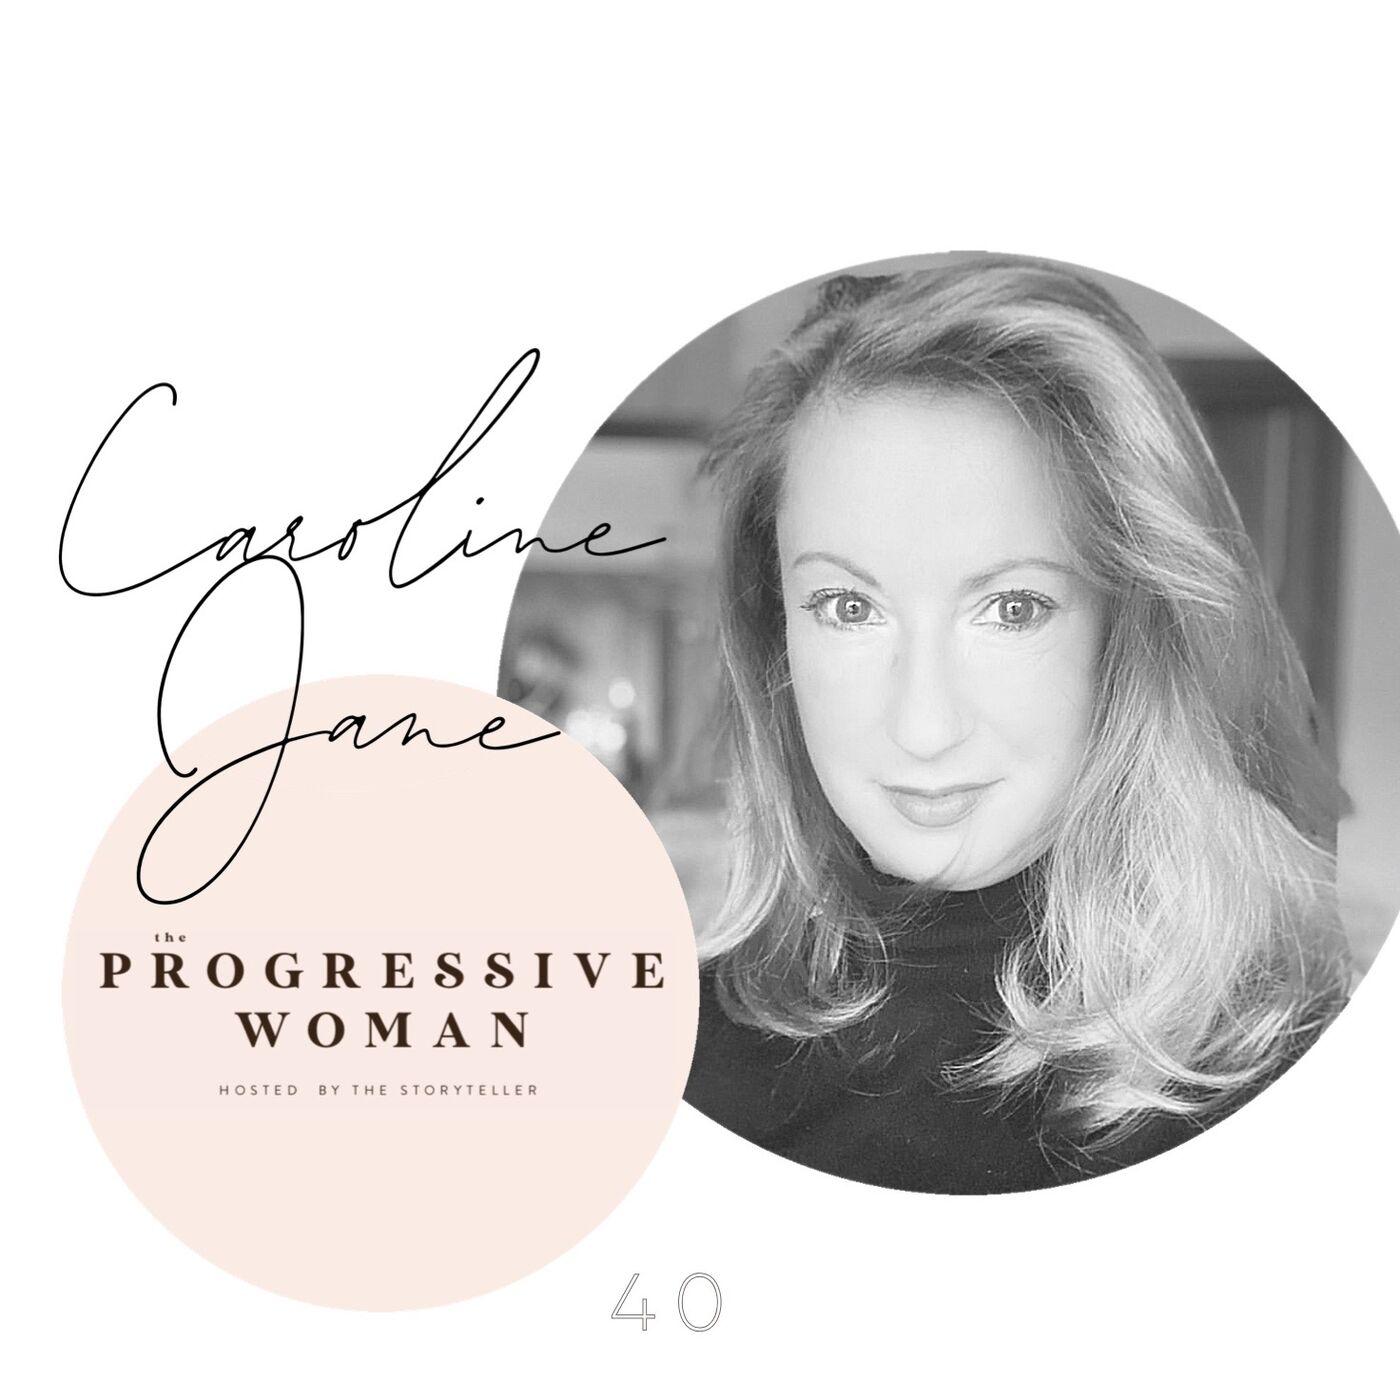 Something had to change to break the patterns ~ Caroline Jane